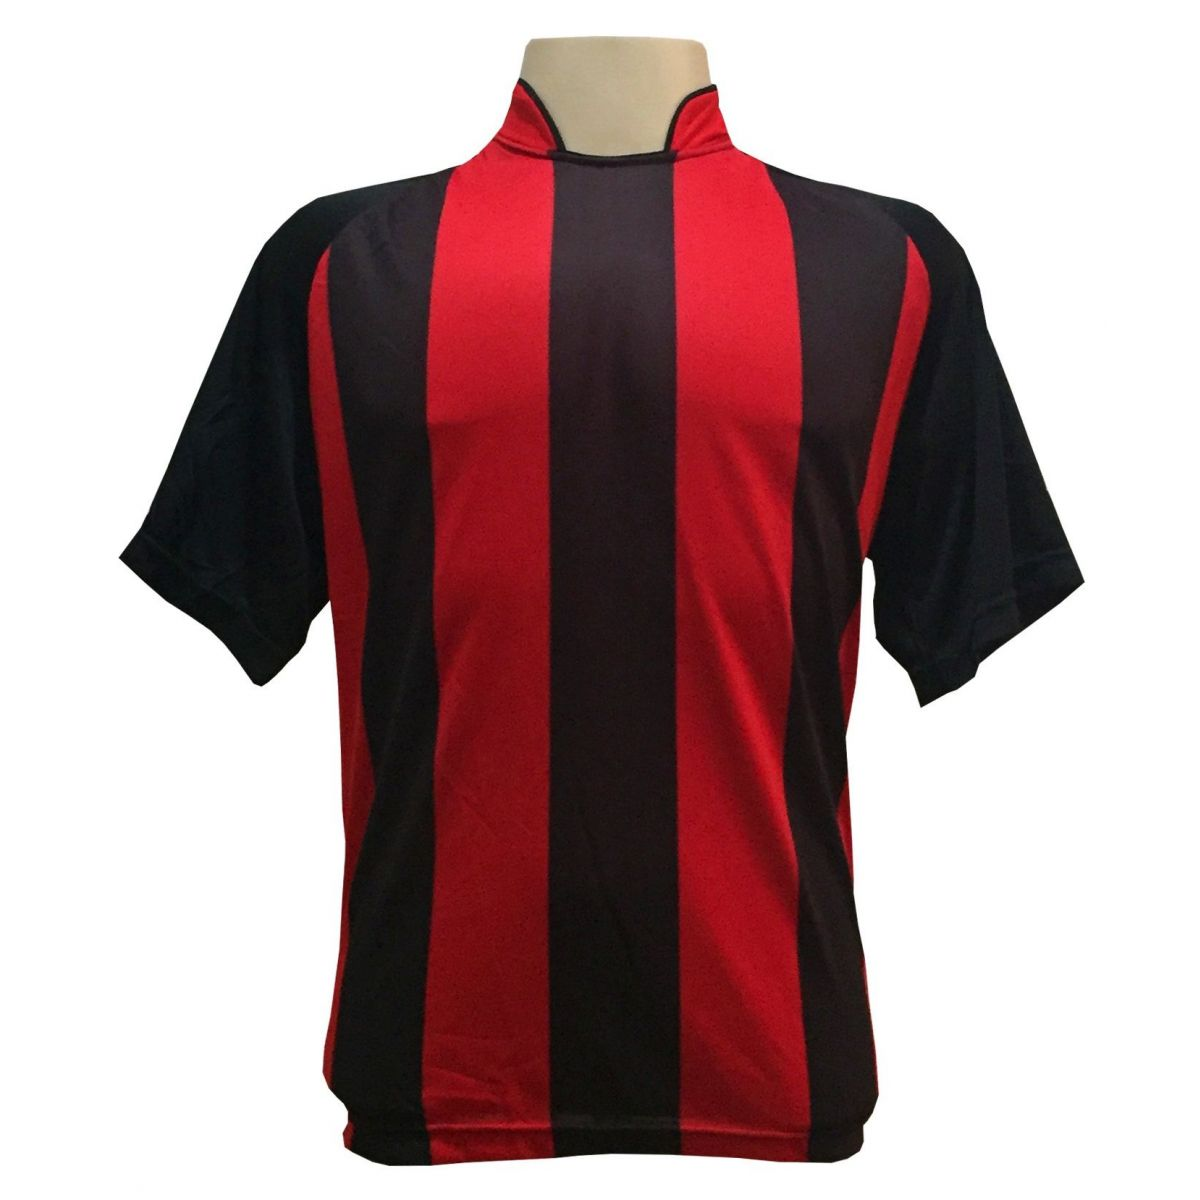 Jogo de Camisa com 12 unidades modelo Milan Preto/Vermelho + 1 Goleiro + Brindes